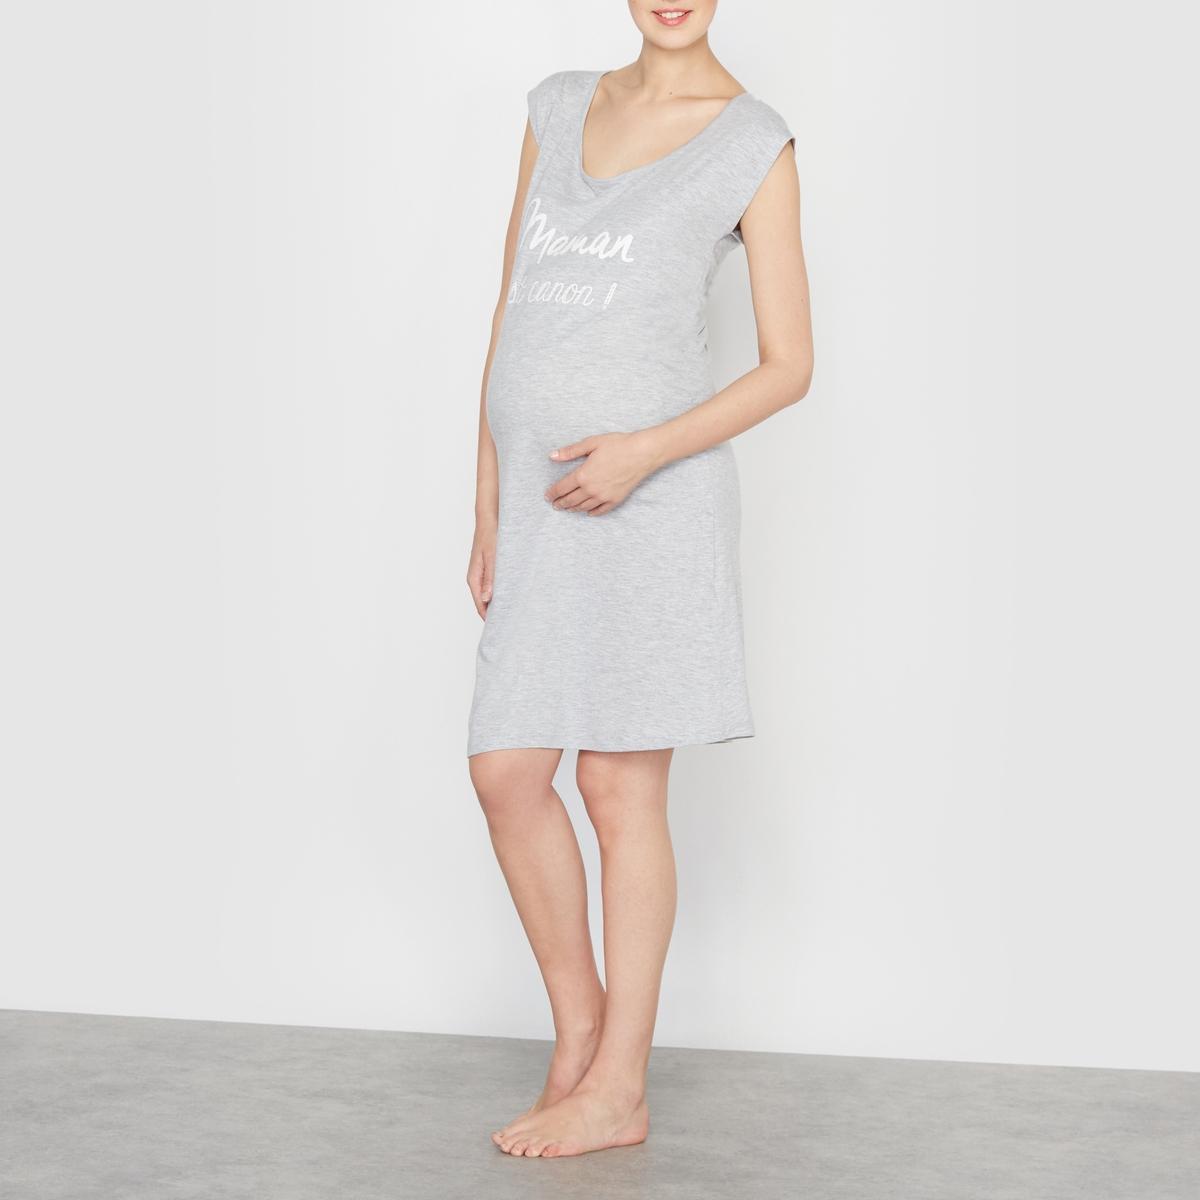 Сорочка ночная для беременныхСорочка ночная для беременных. Принт спереди. Прямой покрой, вырез круглый ослабленный, короткие рукава. Складки сбоку для большего комфорта в области живота.  Состав и описаниеМатериал: 100% хлопка.Длина: 88 смМарка:  COCOON.УходМашинная стирка при 40° в умеренном режимеСтирать с вещами схожих цветовСтирать, сушить и гладить с изнаночной стороны<br><br>Цвет: серый